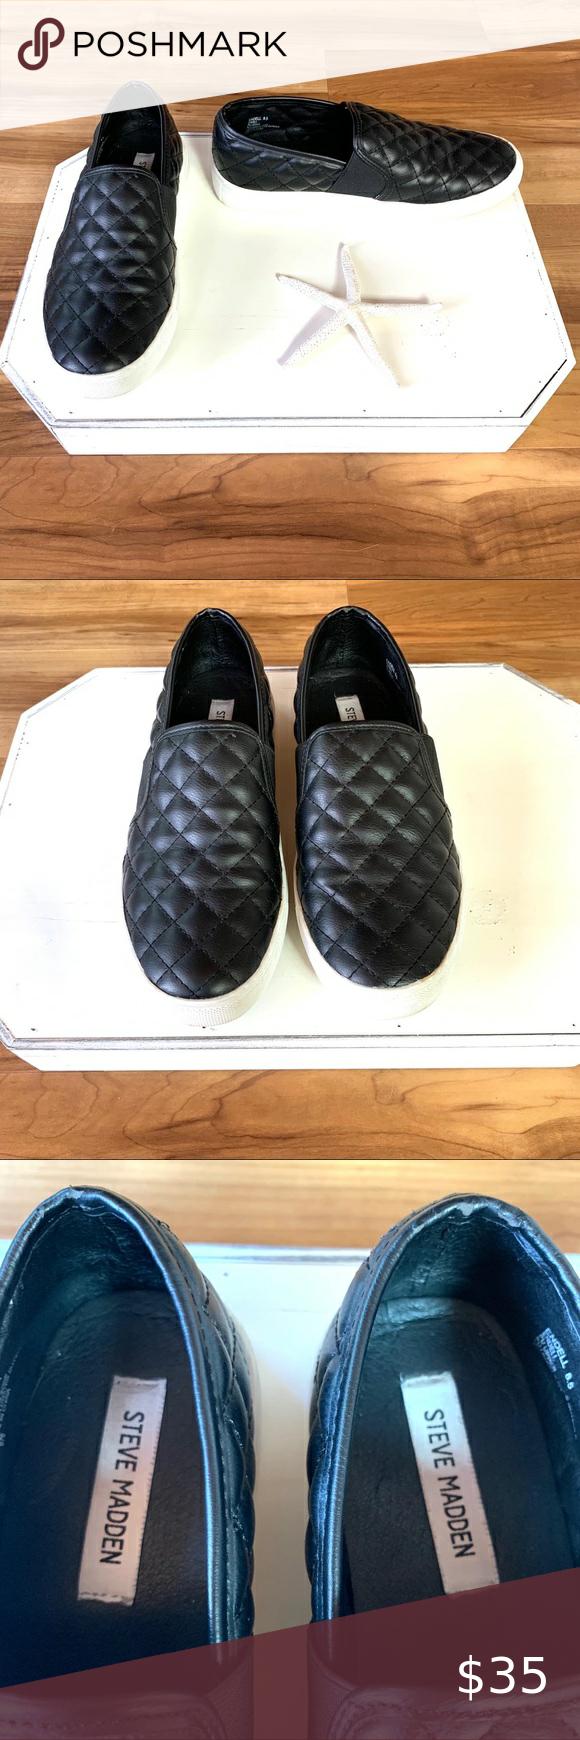 Steve Madden Endell Slip On Sneakers